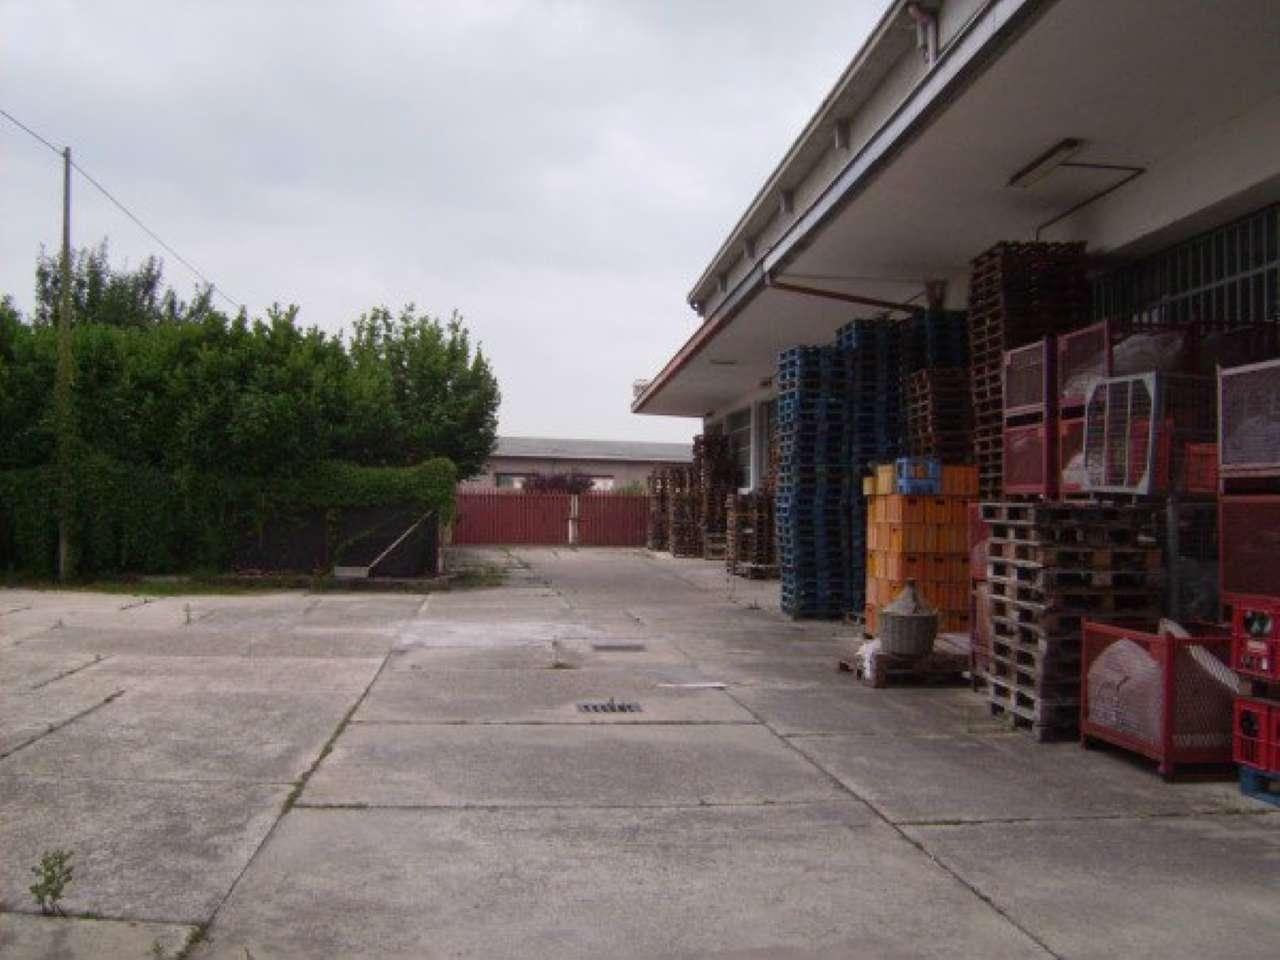 Immobile Commerciale in affitto a Vigliano d'Asti, 40 locali, Trattative riservate   CambioCasa.it